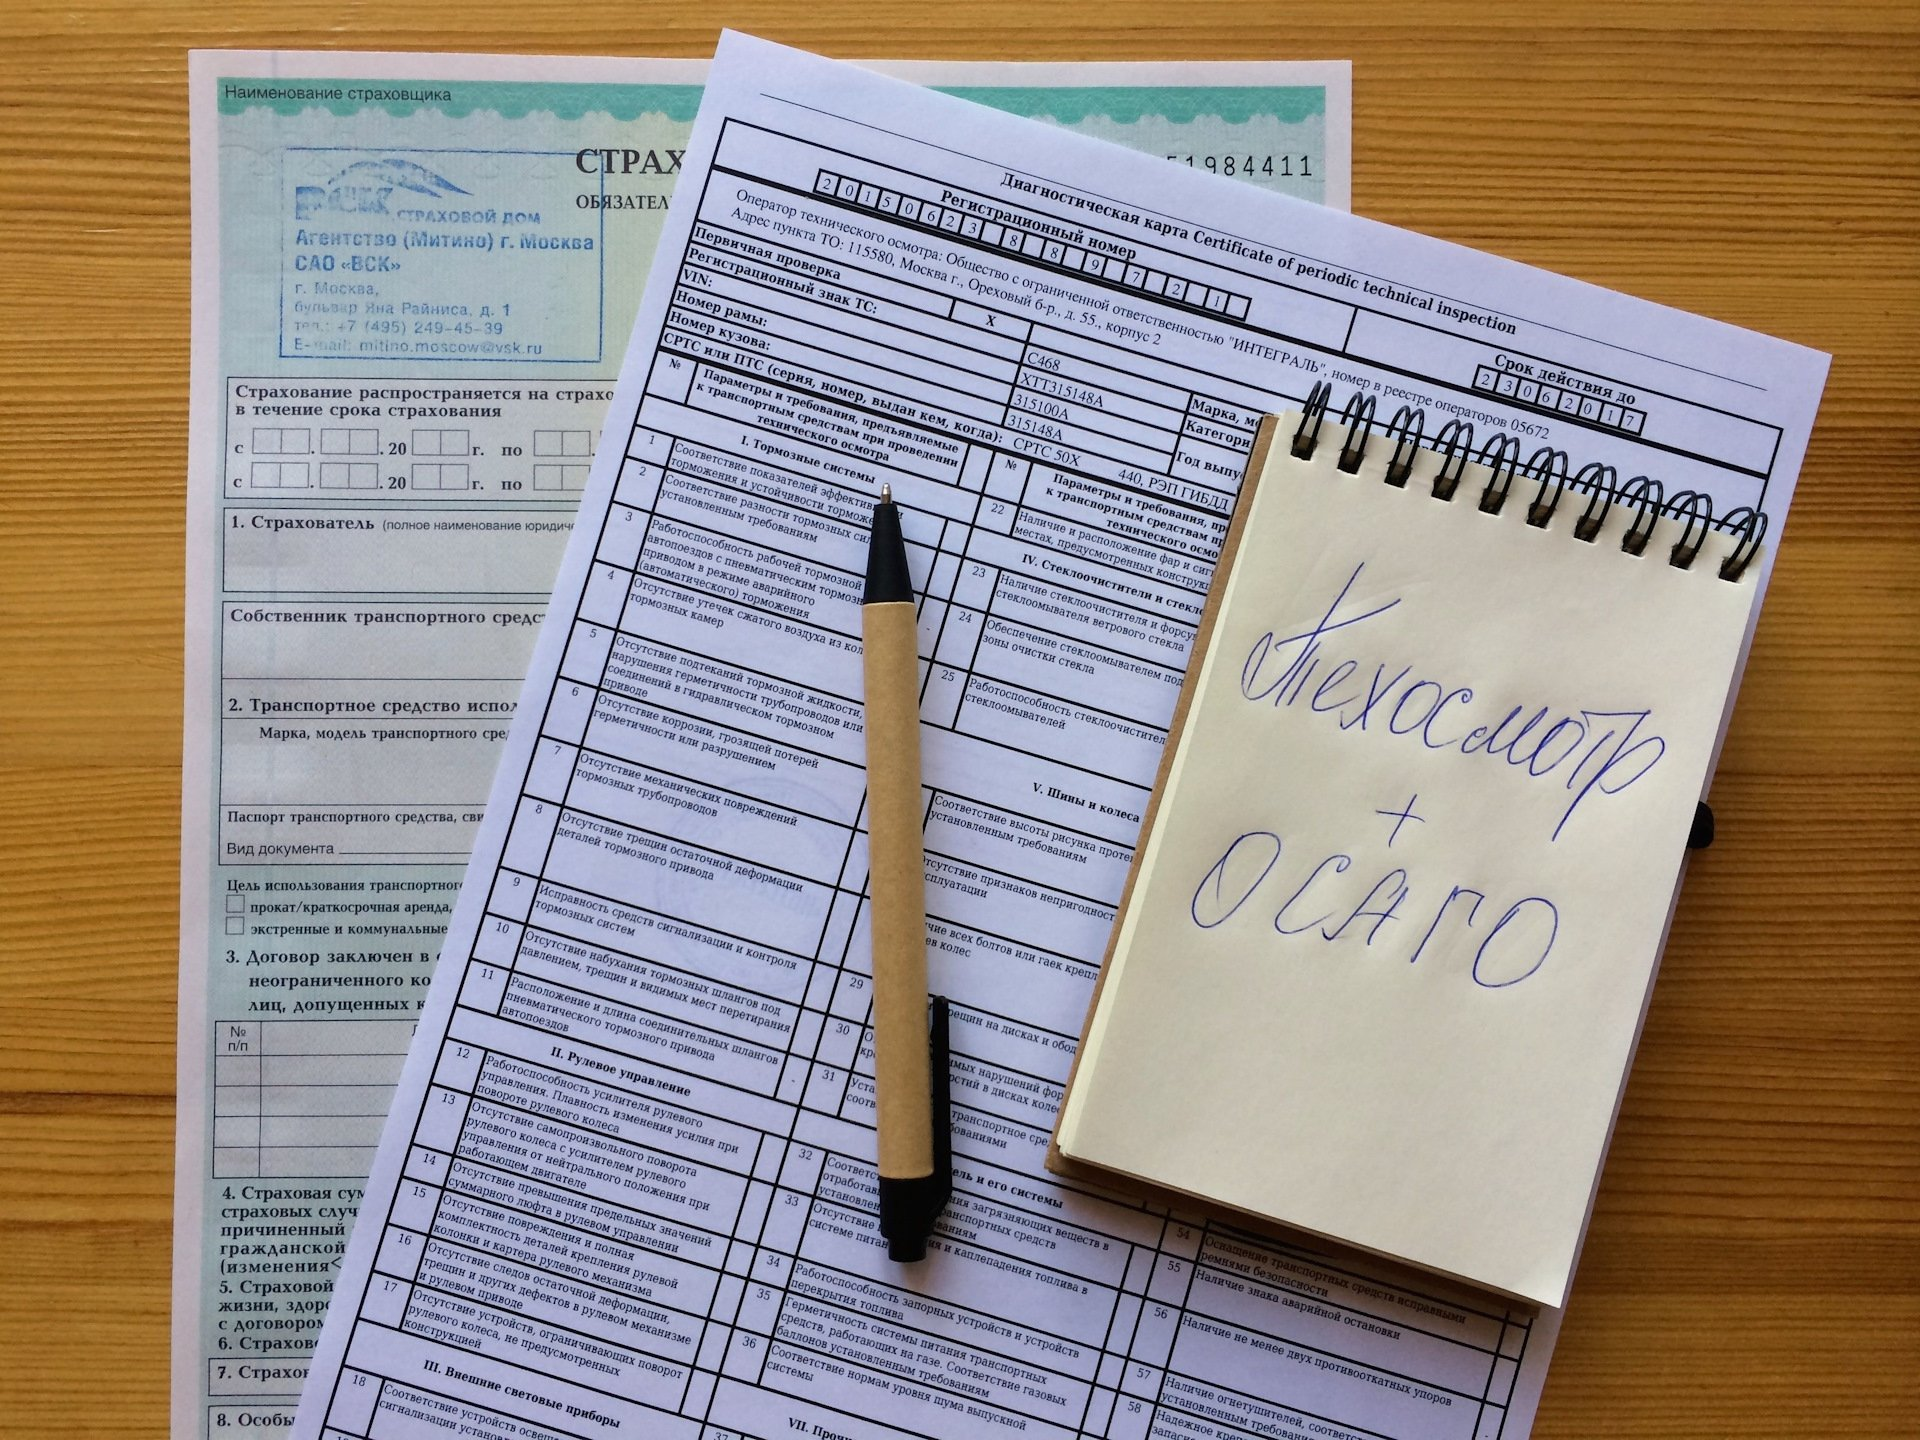 Сроки действия диагностических карт могут продлить до конца сентября